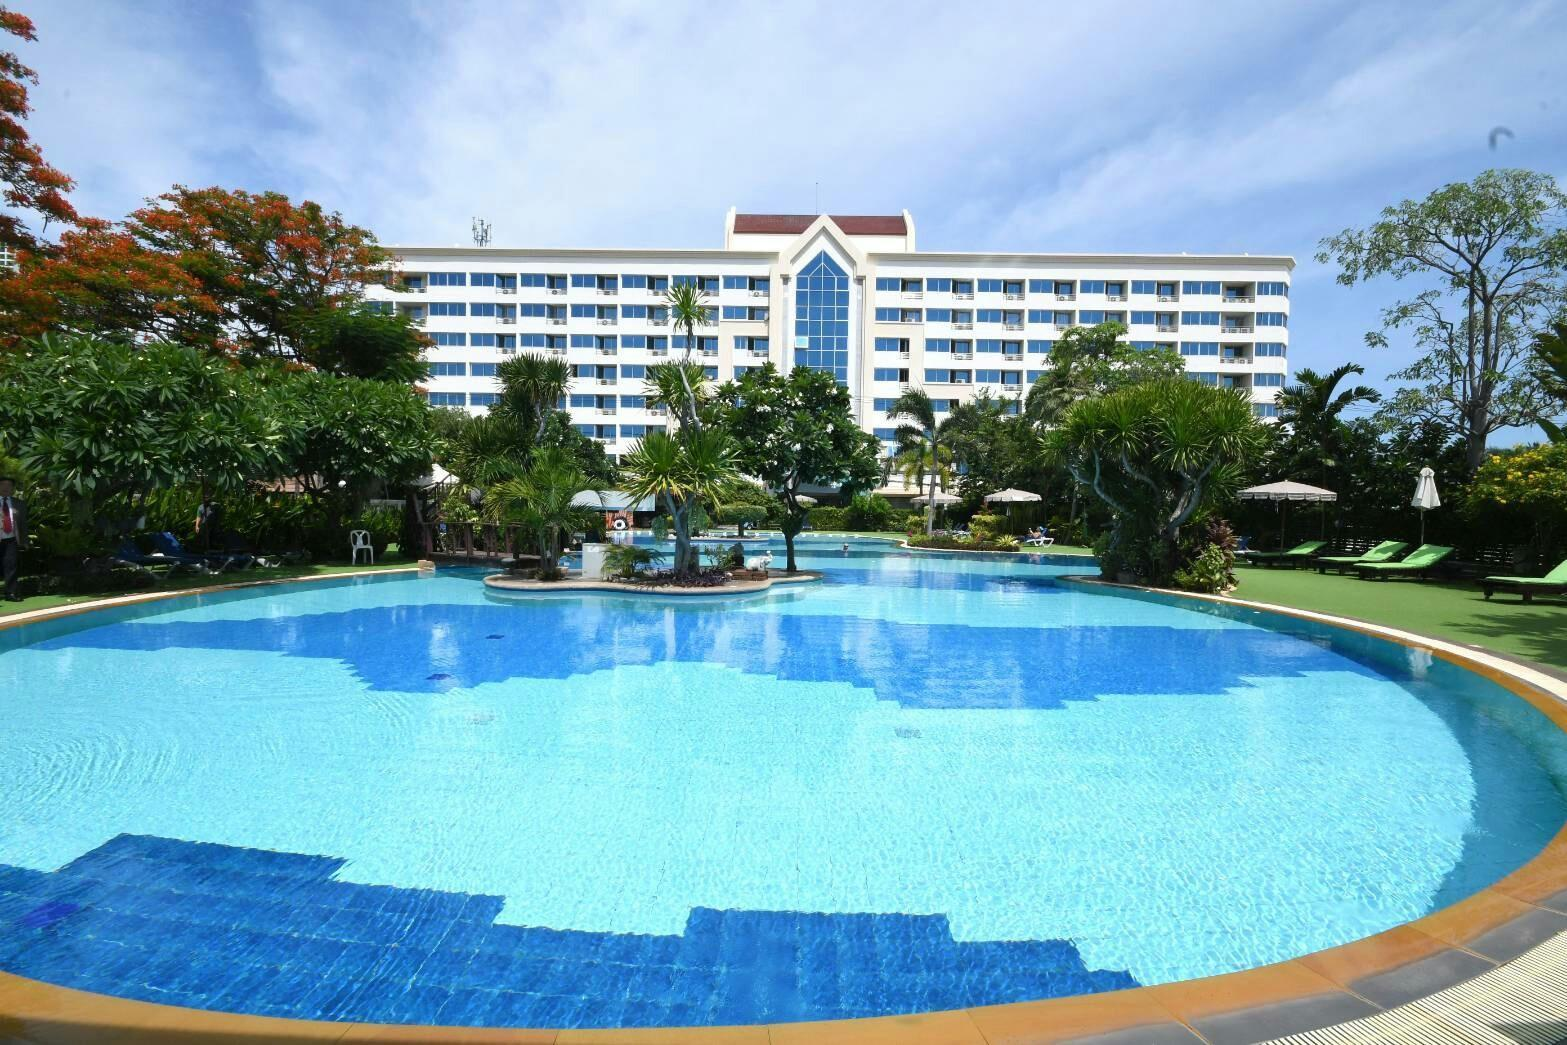 Jomtien Garden Hotel And Resort